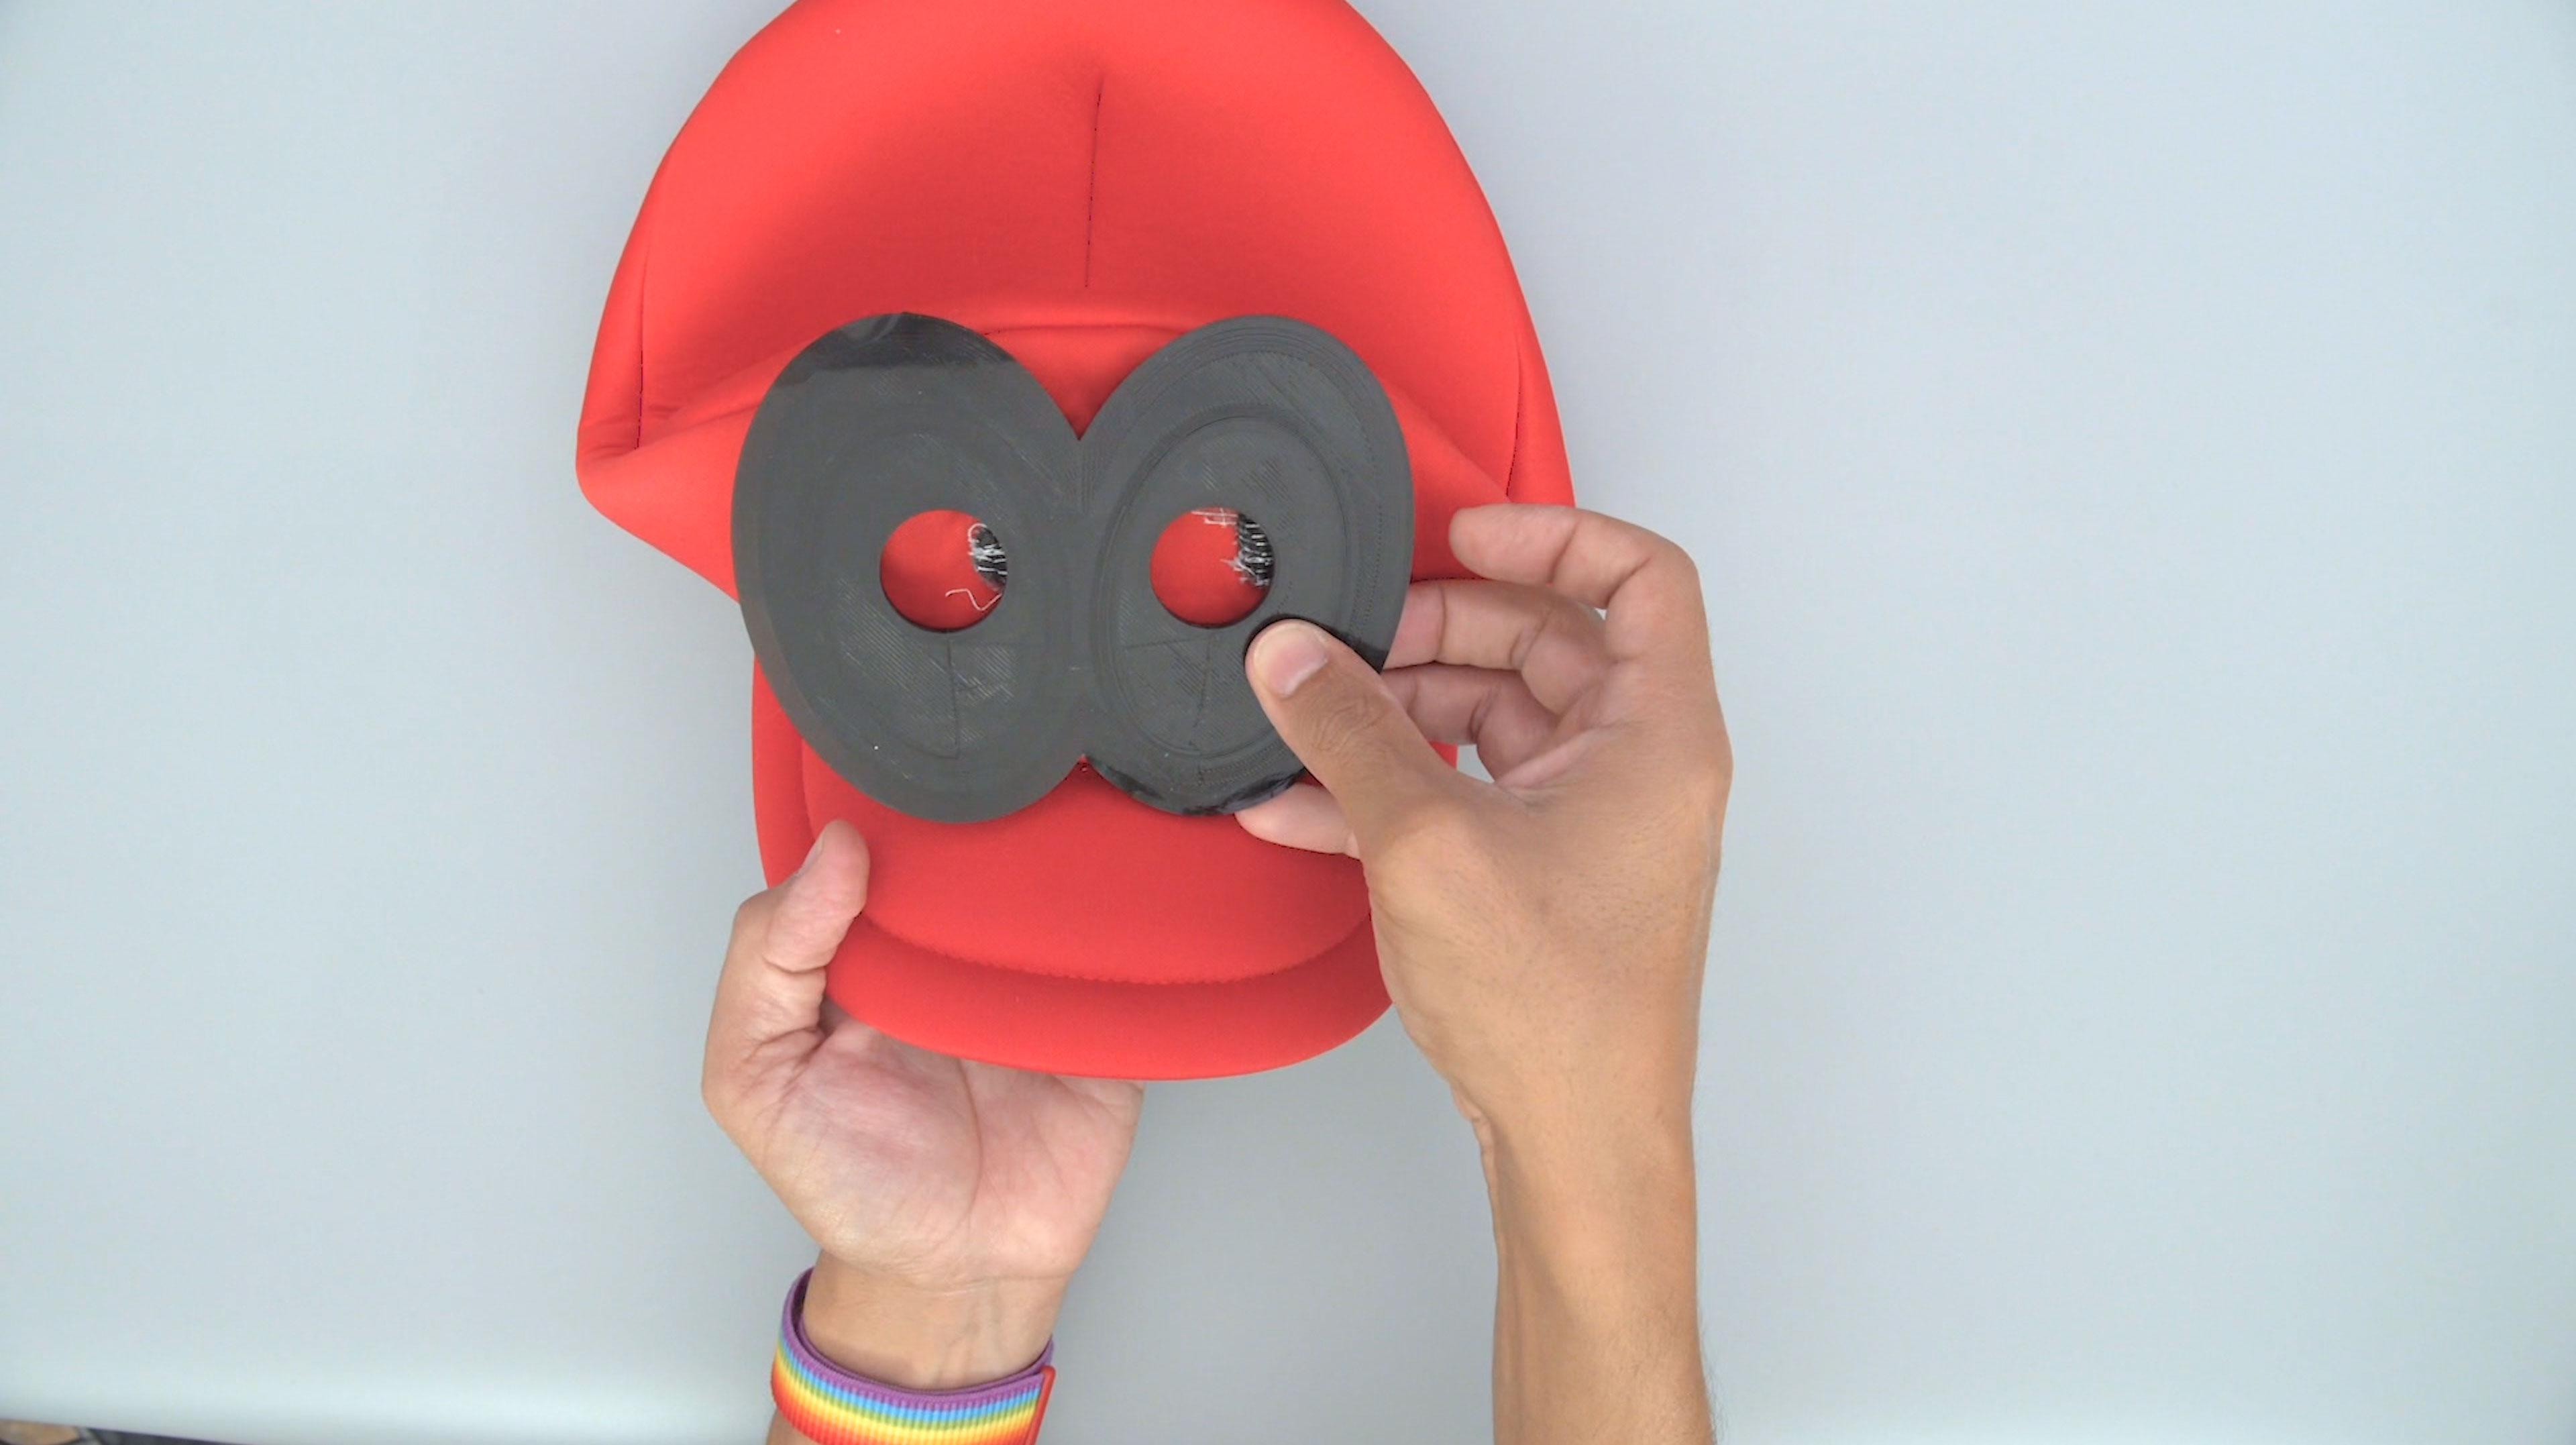 3d_printing_hat-eyes-cover.jpg